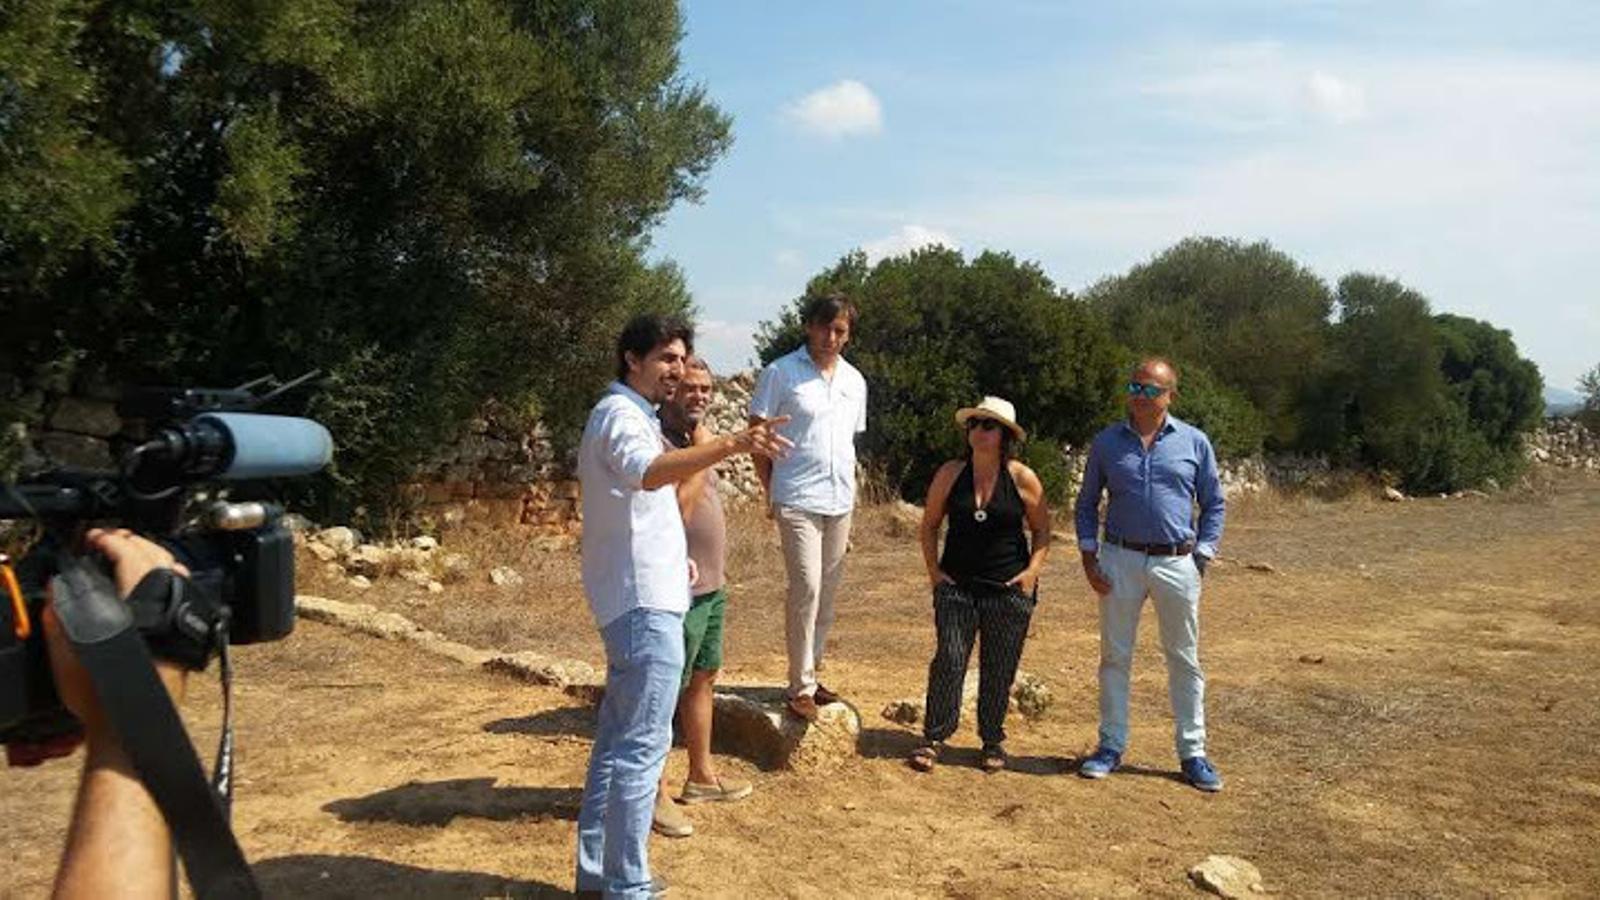 Durant la visita al poblat d'Els Antigors, el batle de Ses Salines, arqueòleg de professió, ha localitzat un fragment de ceràmica púnico-ebusitana a l'entorn del temple del jaciment